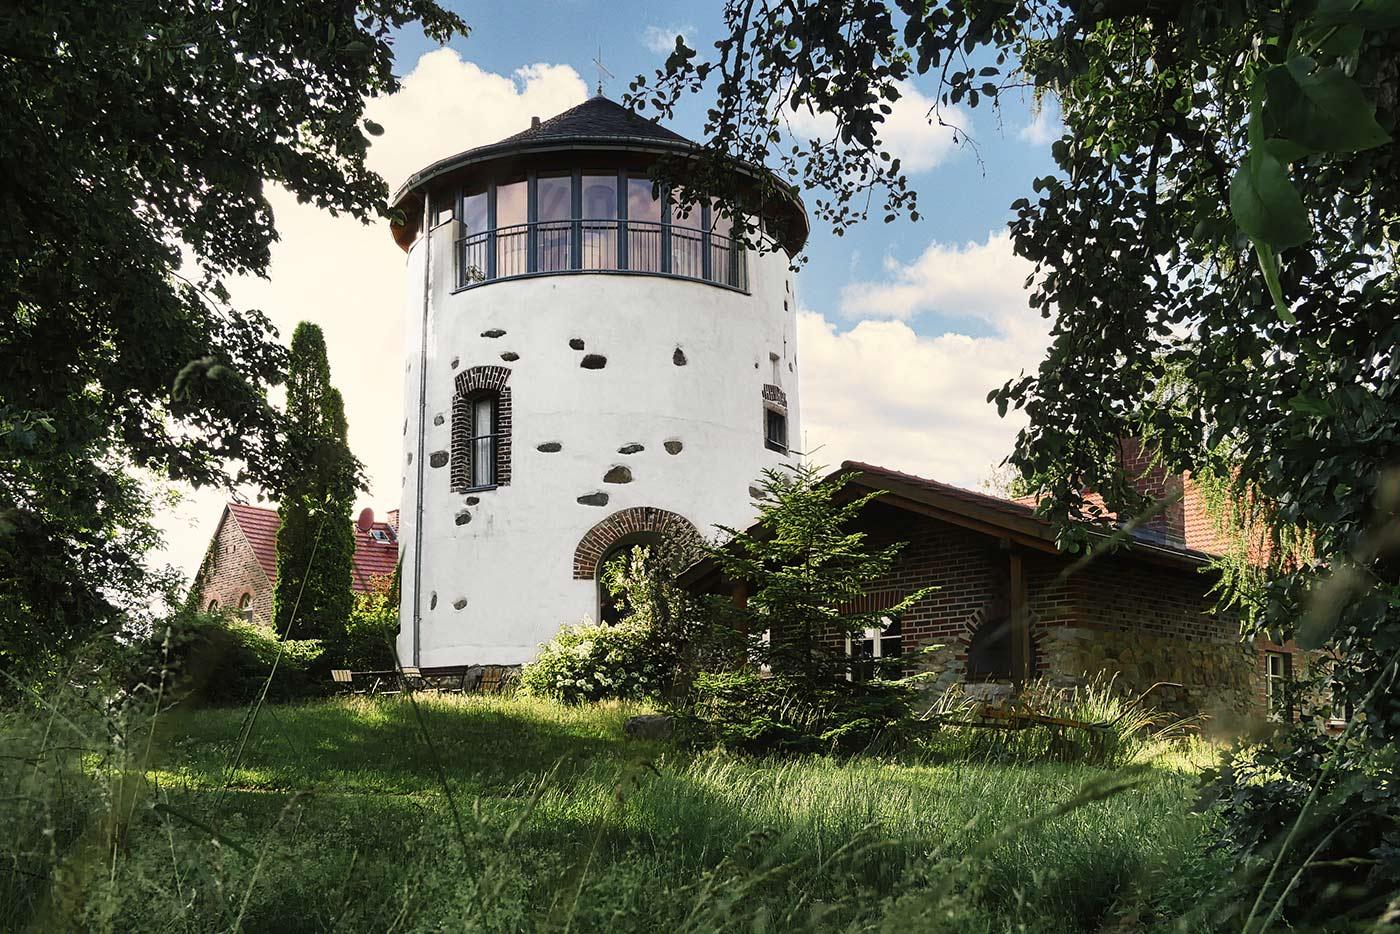 Urlaub im Windmühlenturm, Königshain Windmühlenhof